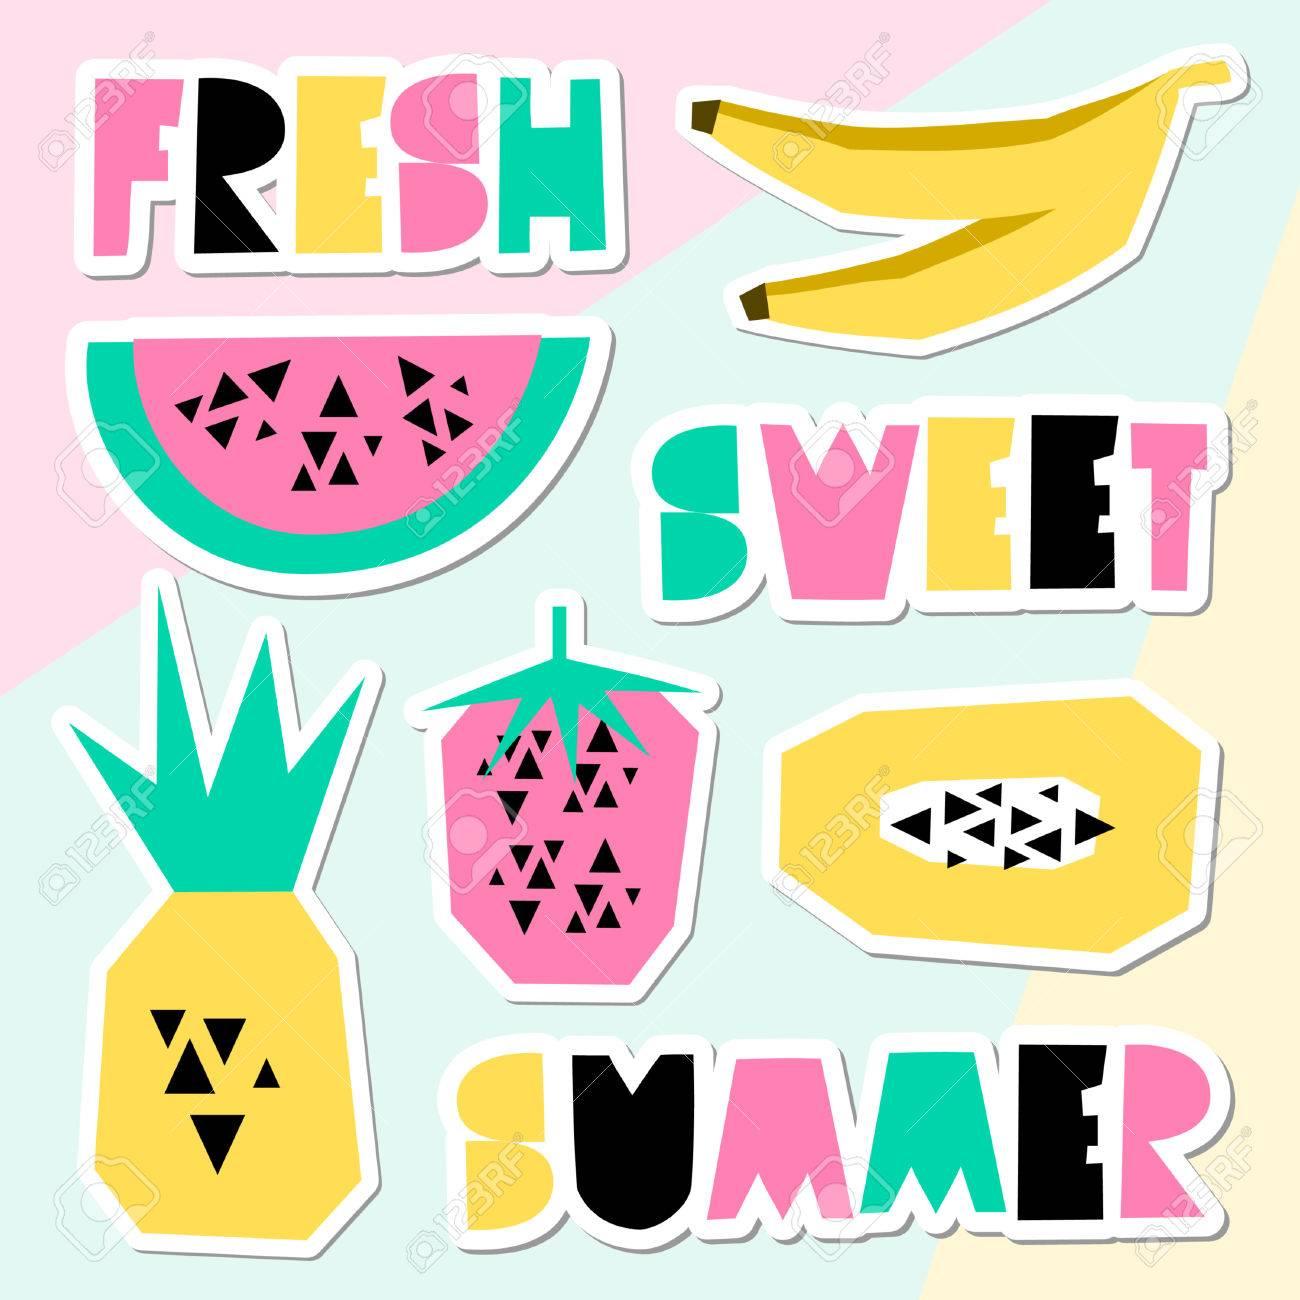 9ec8834c0 Un conjunto de pegatinas geométricas de verano de estilo retro. Letras y  frutas decorativas en verde, rosado y amarillo en el fondo geométrico ...